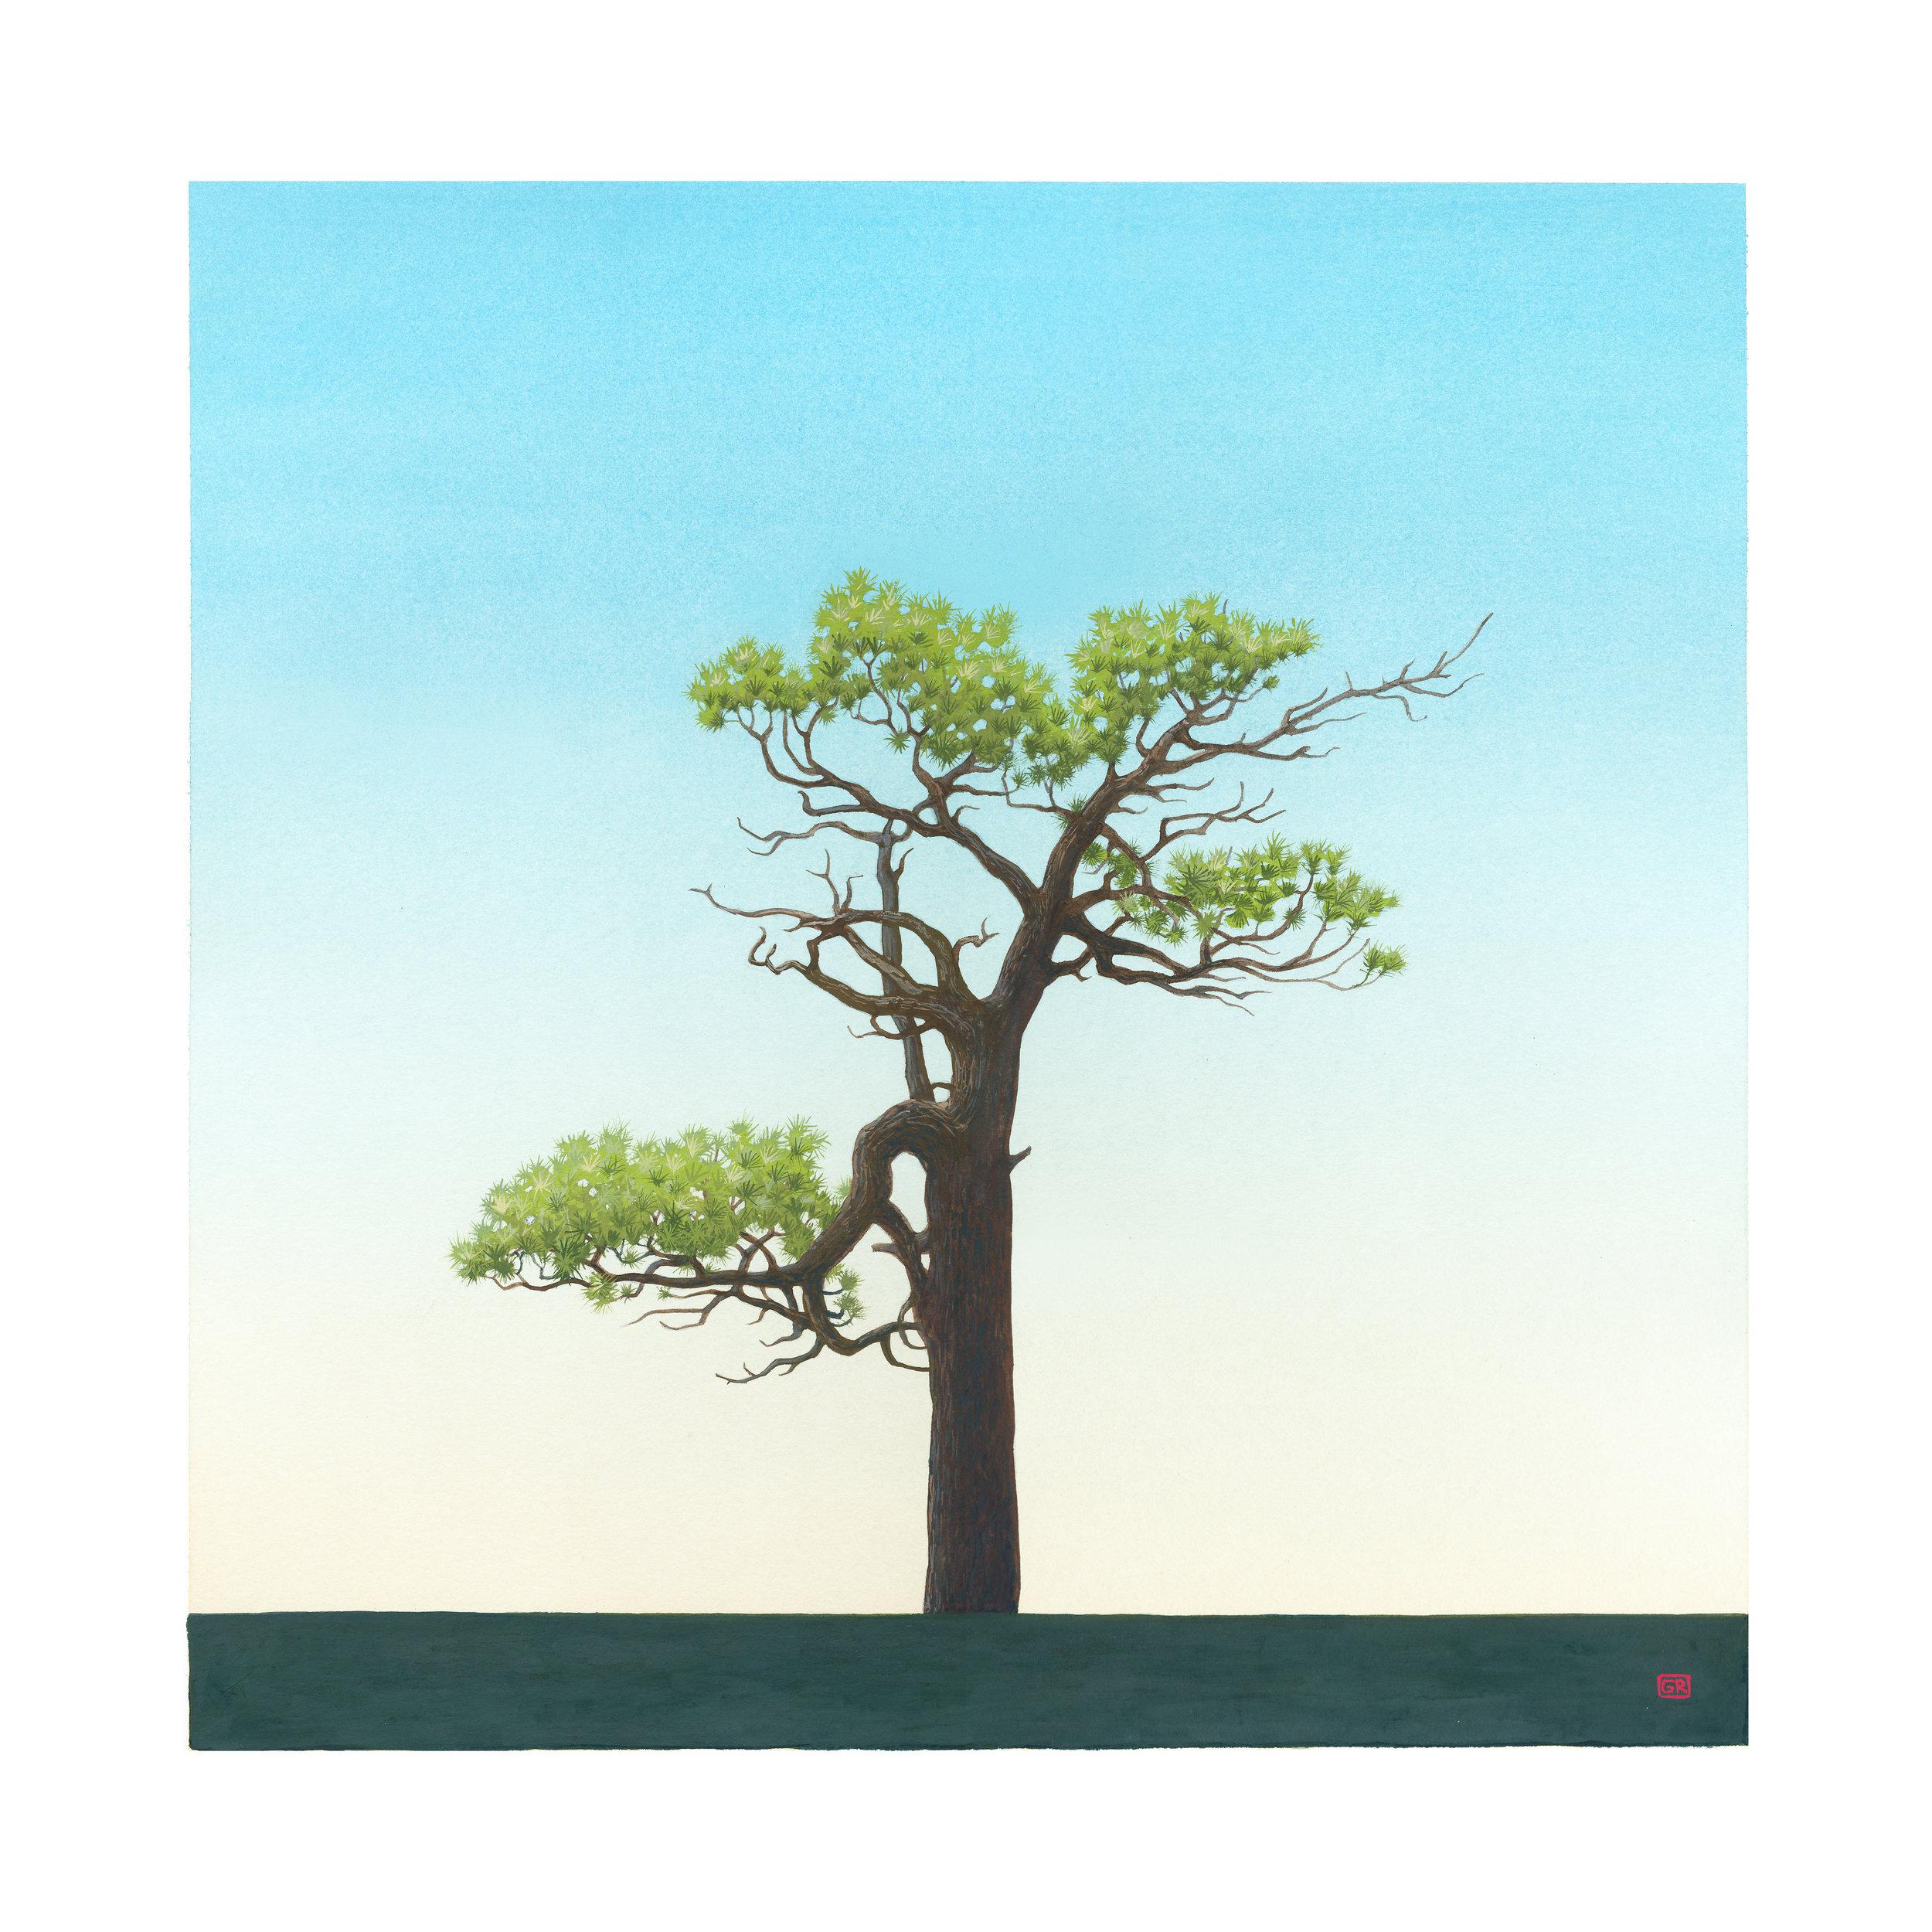 GRose_Tree(34˚21.901'N117˚48.261'W).jpg